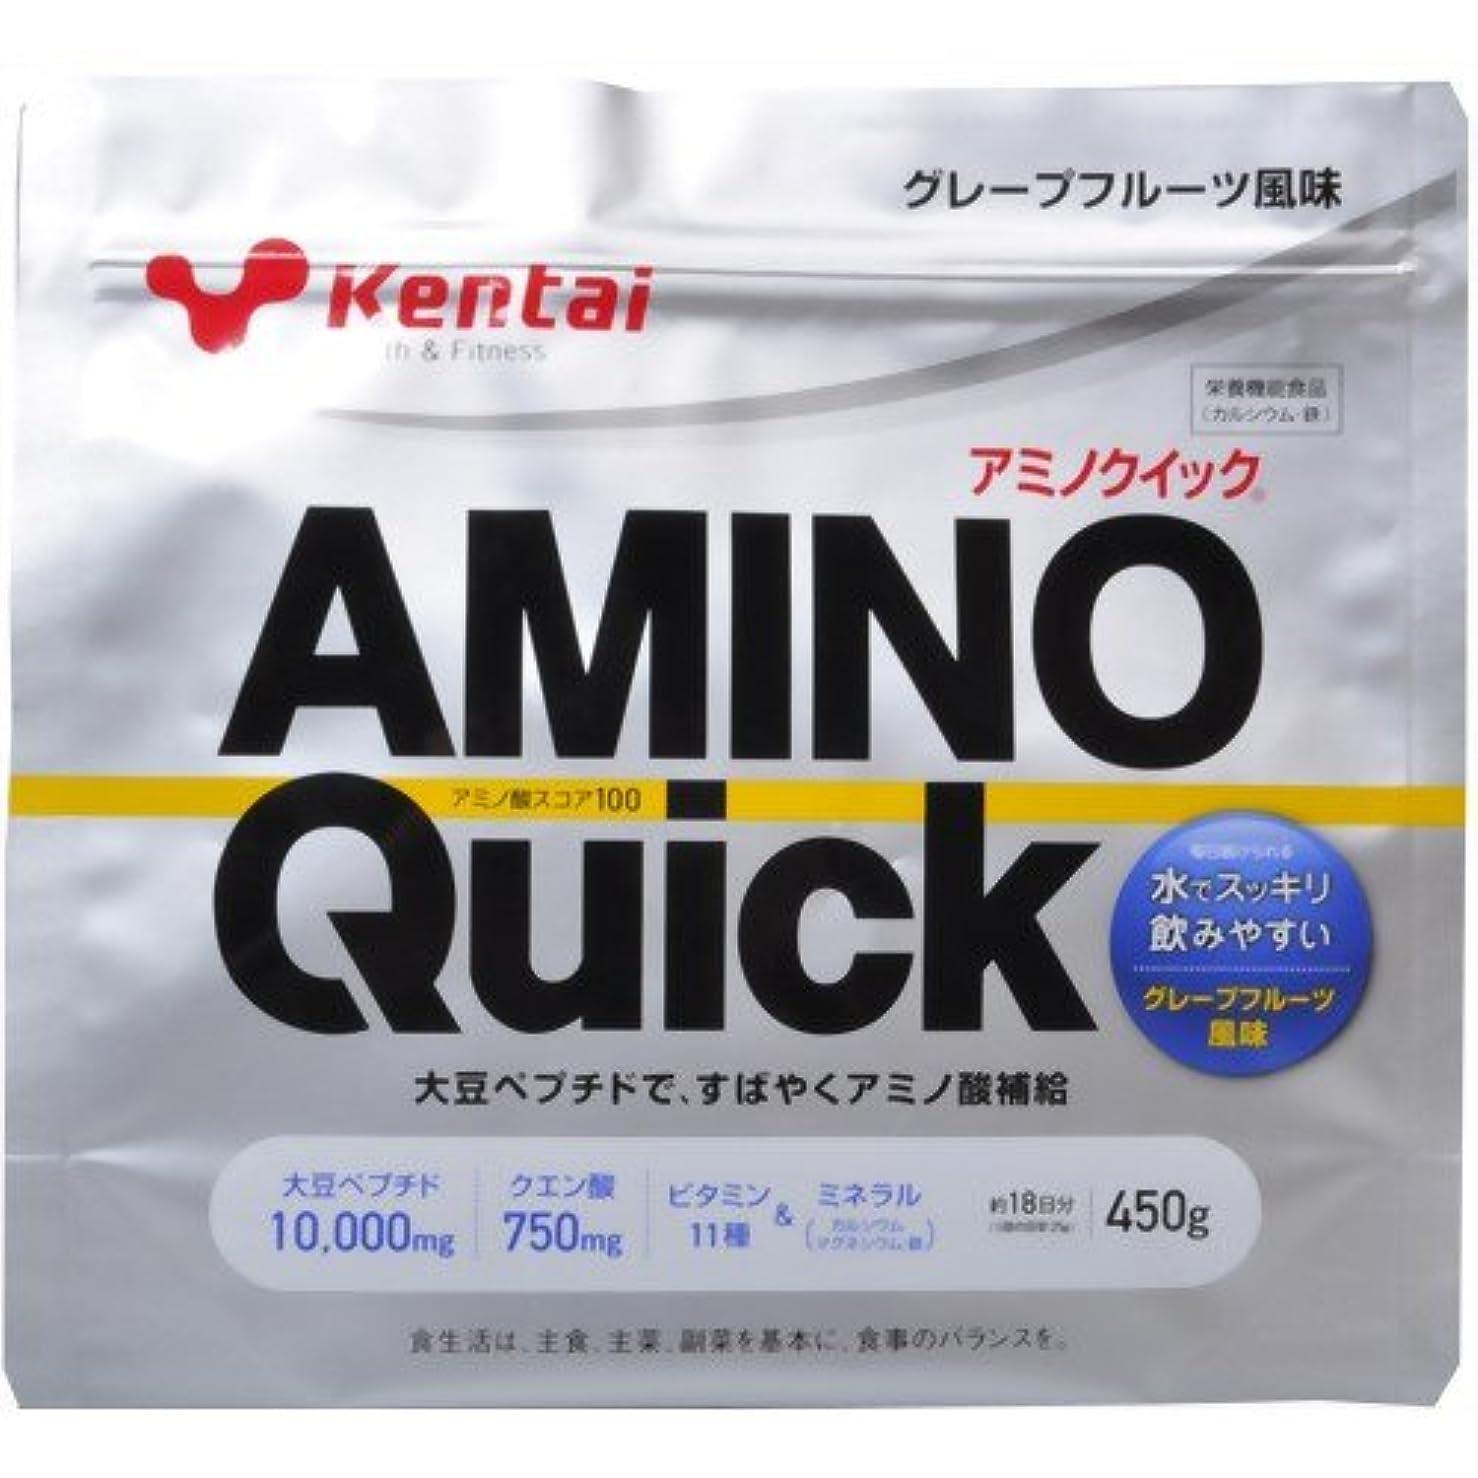 作成する逆説テーブルKentai(ケンタイ) アミノクイック(大豆ペプチド) グレープフルーツ風味 450g